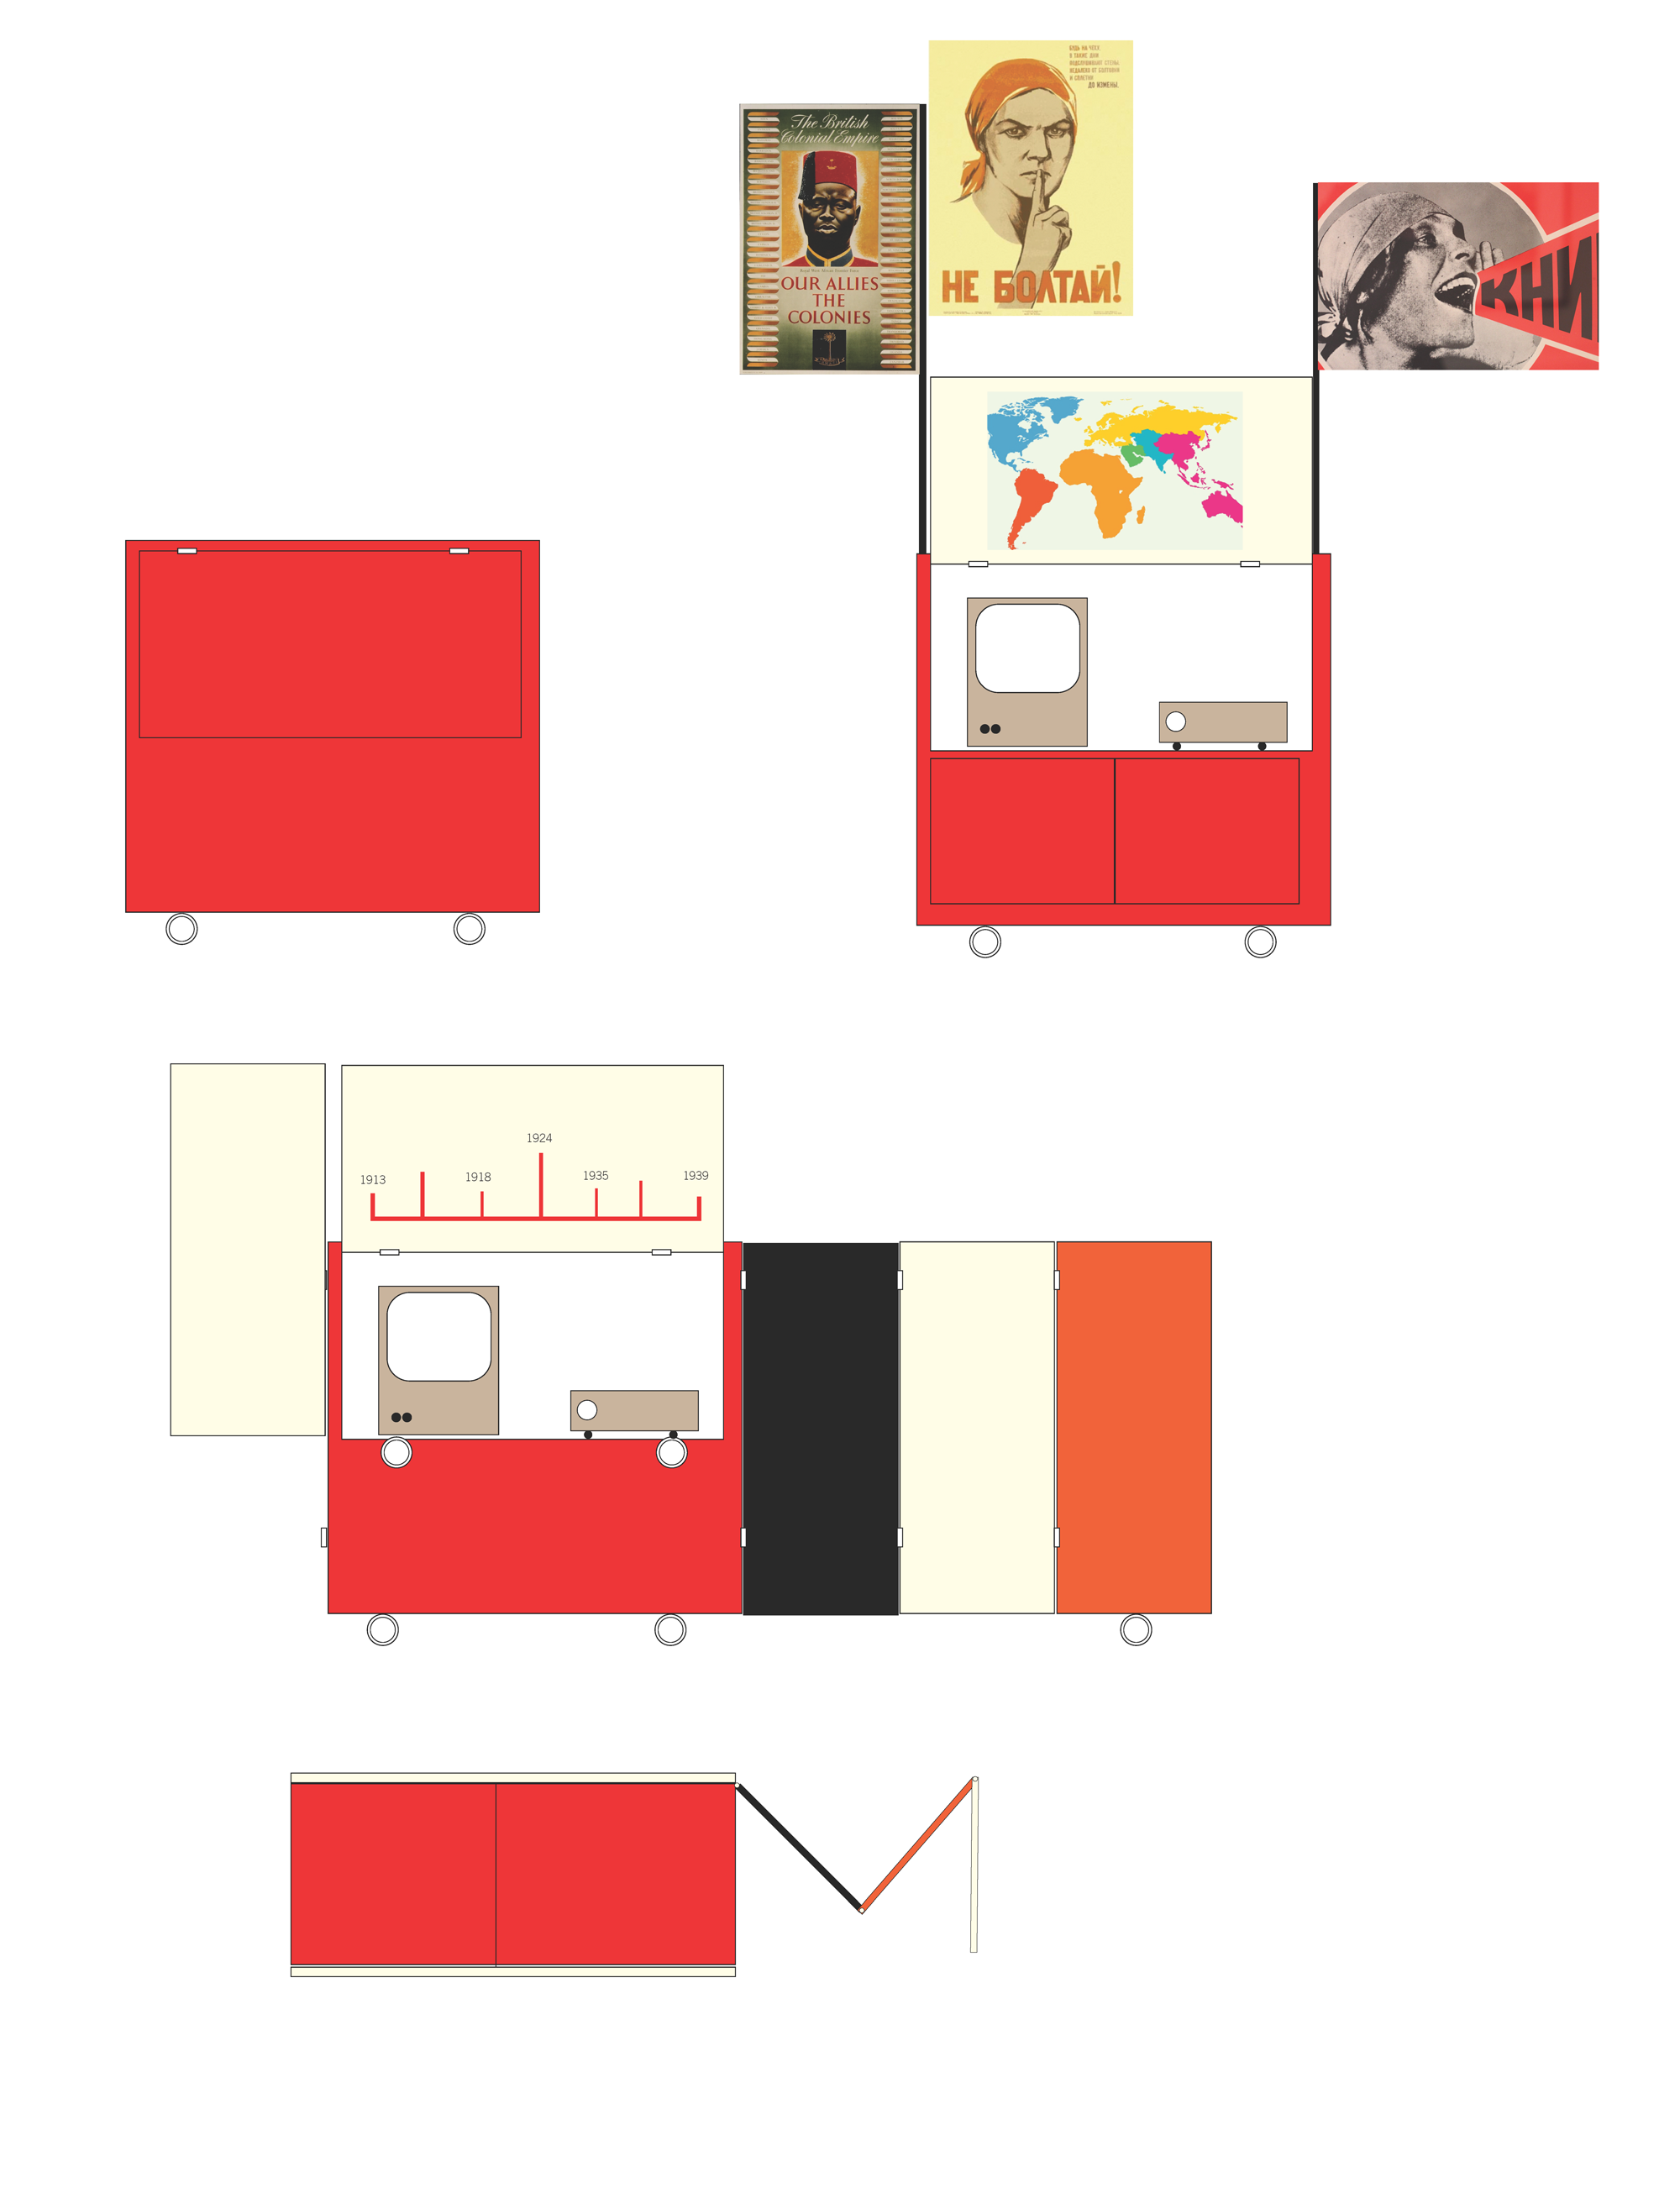 exhibition-design-schematics.png